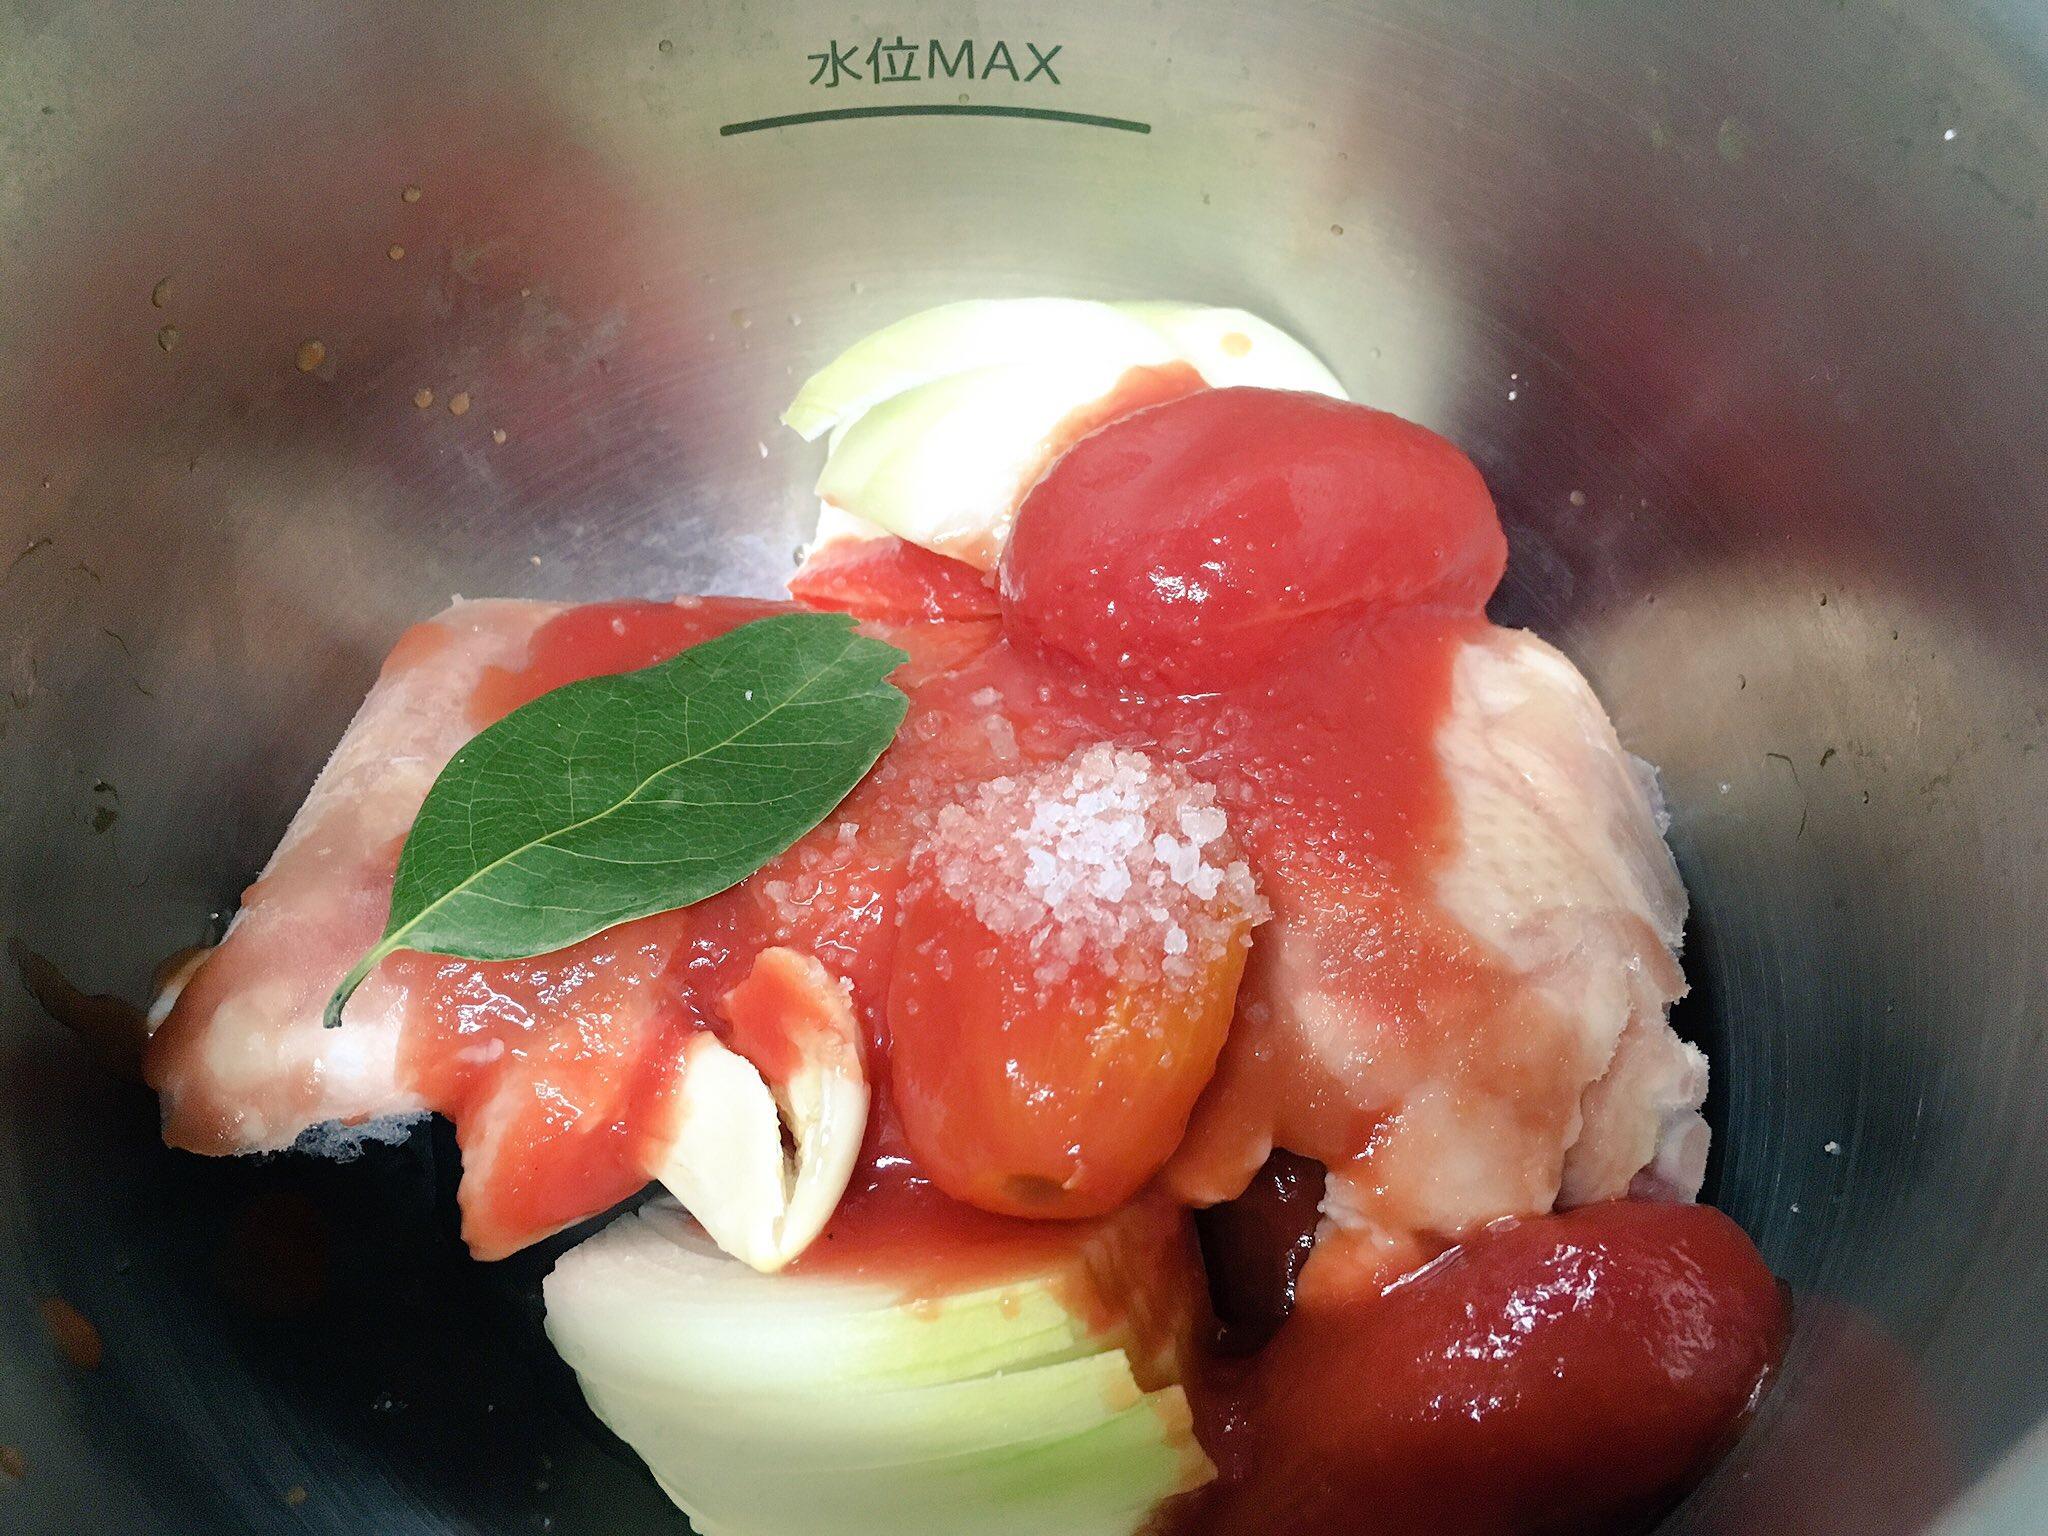 ホットクックでほろほろチキンのトマト煮込み加熱前